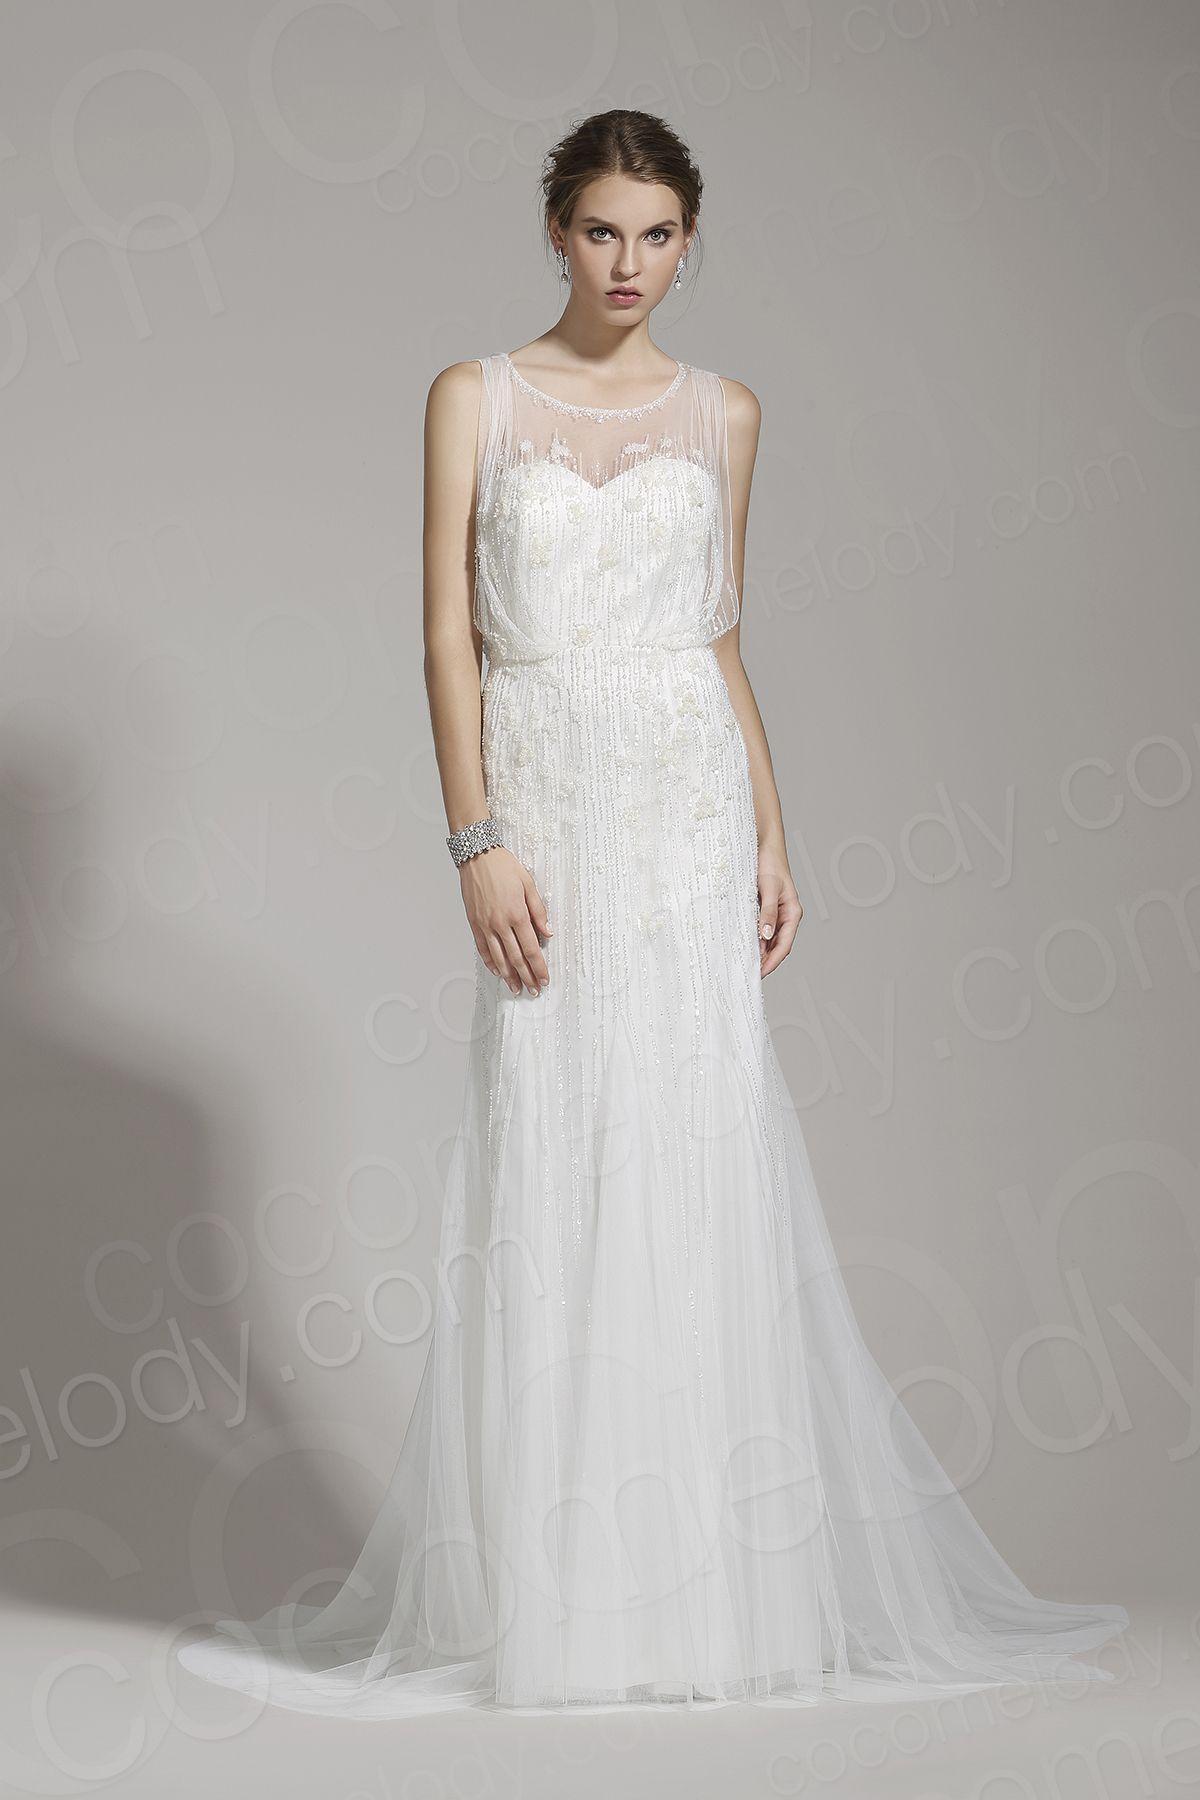 Beaded sheath wedding dress  Delicate SheathColumn Illusion Tulle Ivory Sleeveless Wedding Dress